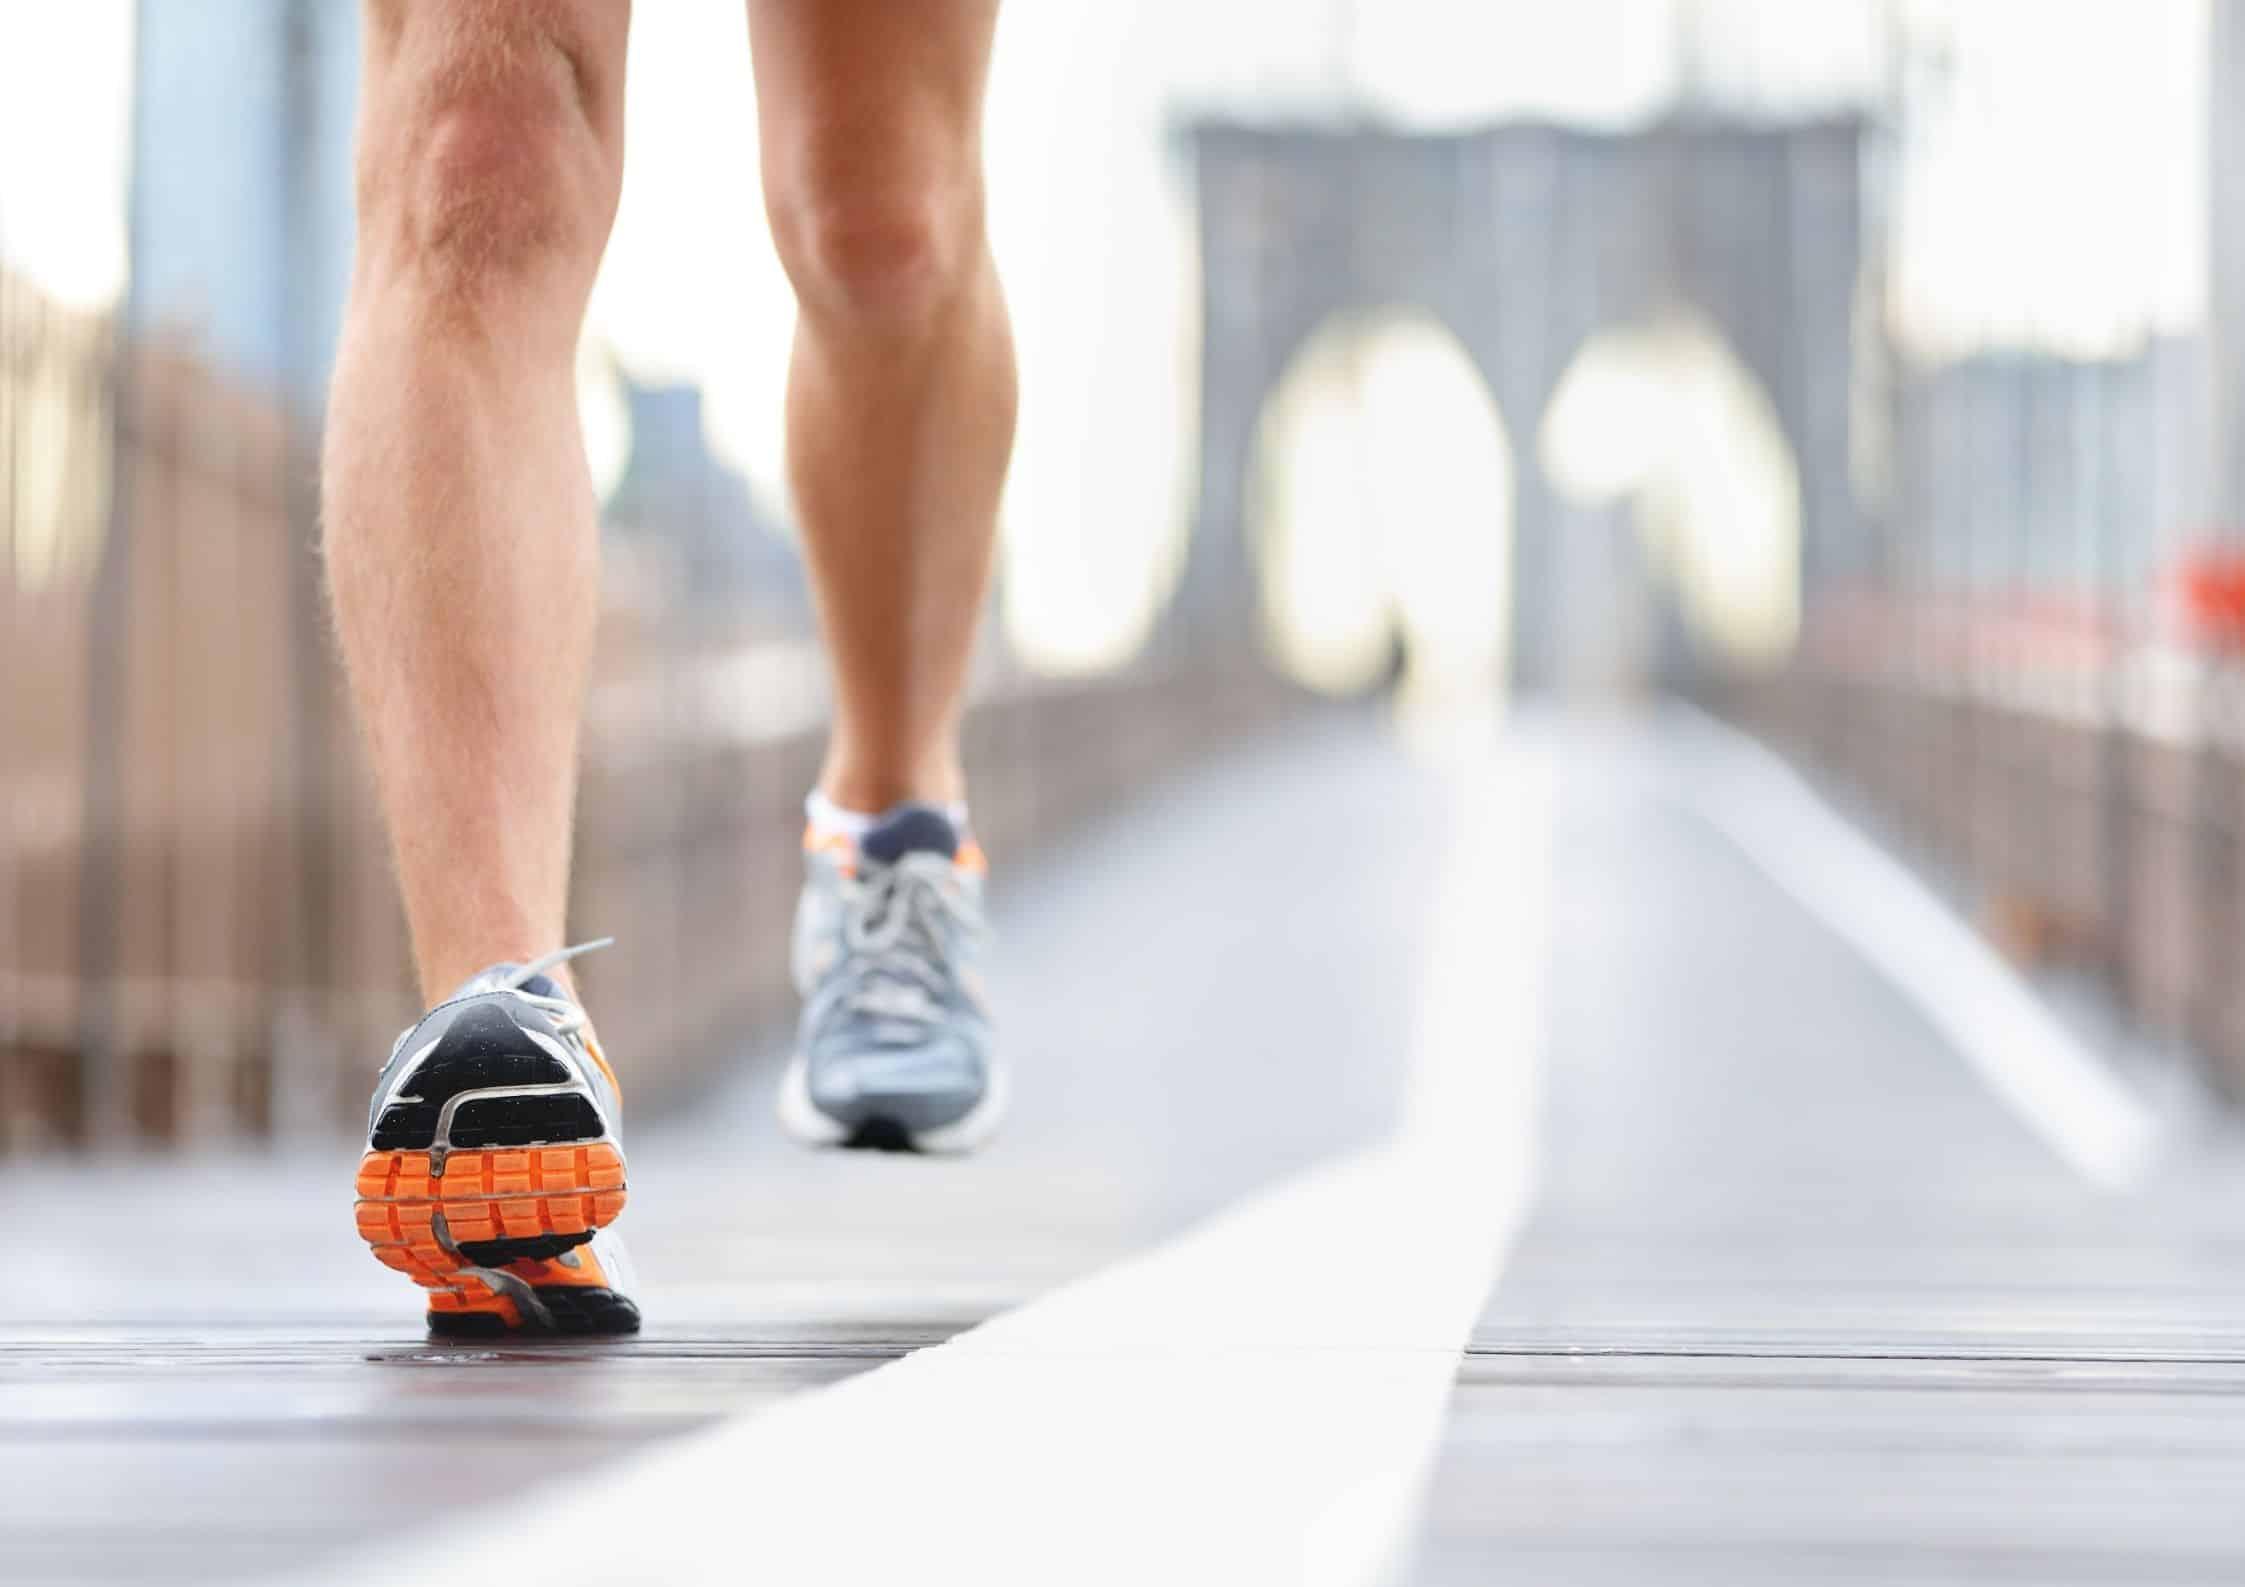 Mann som løper på asfalt med joggesko